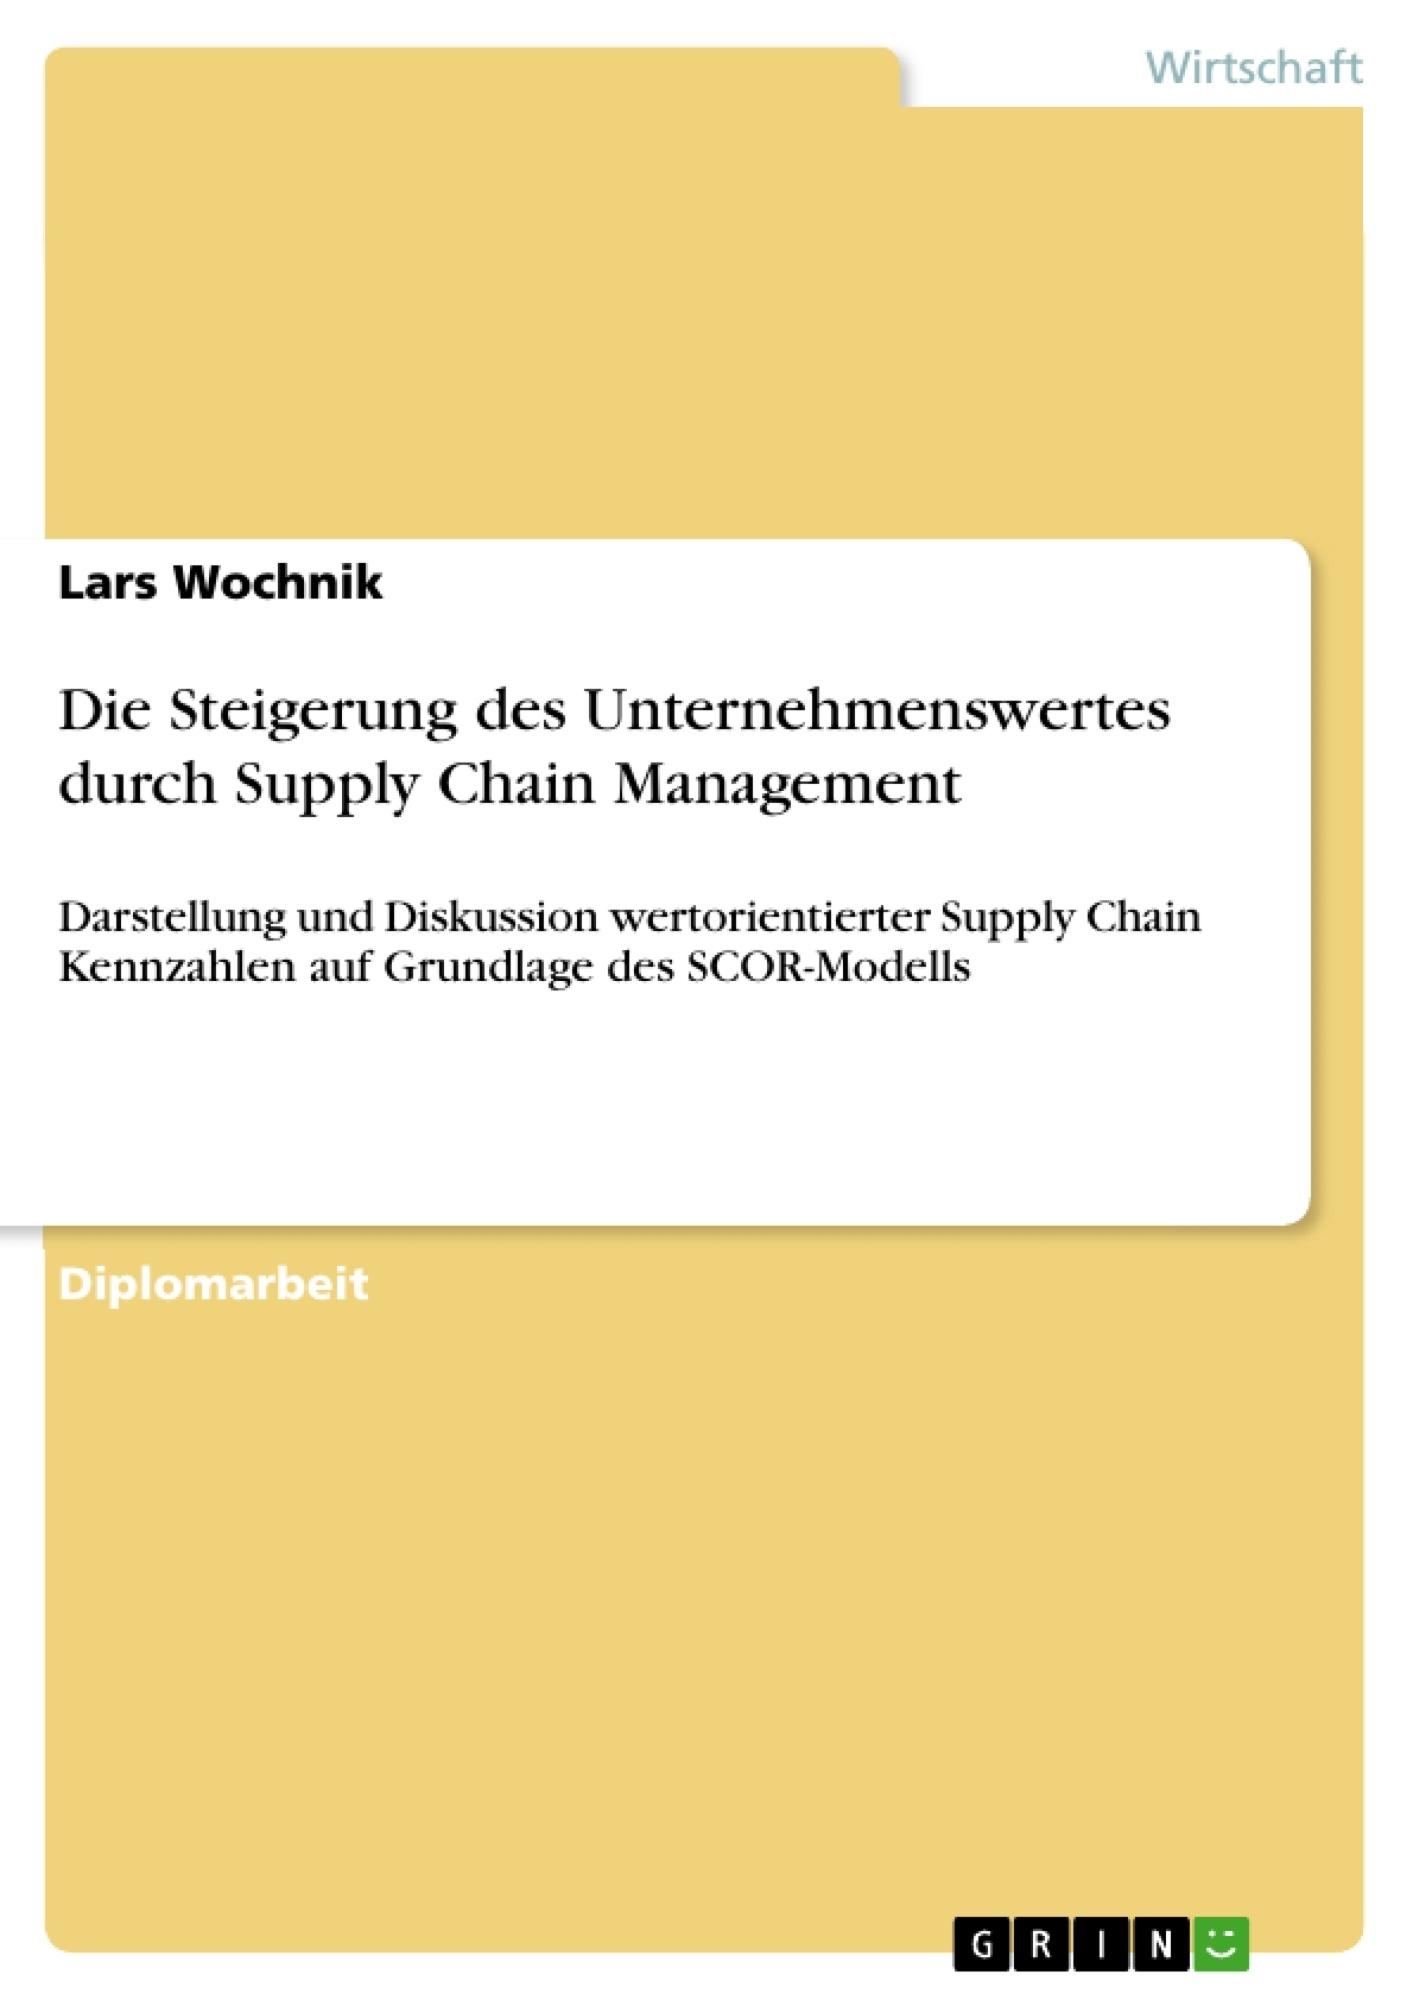 Titel: Die Steigerung des Unternehmenswertes durch Supply Chain Management